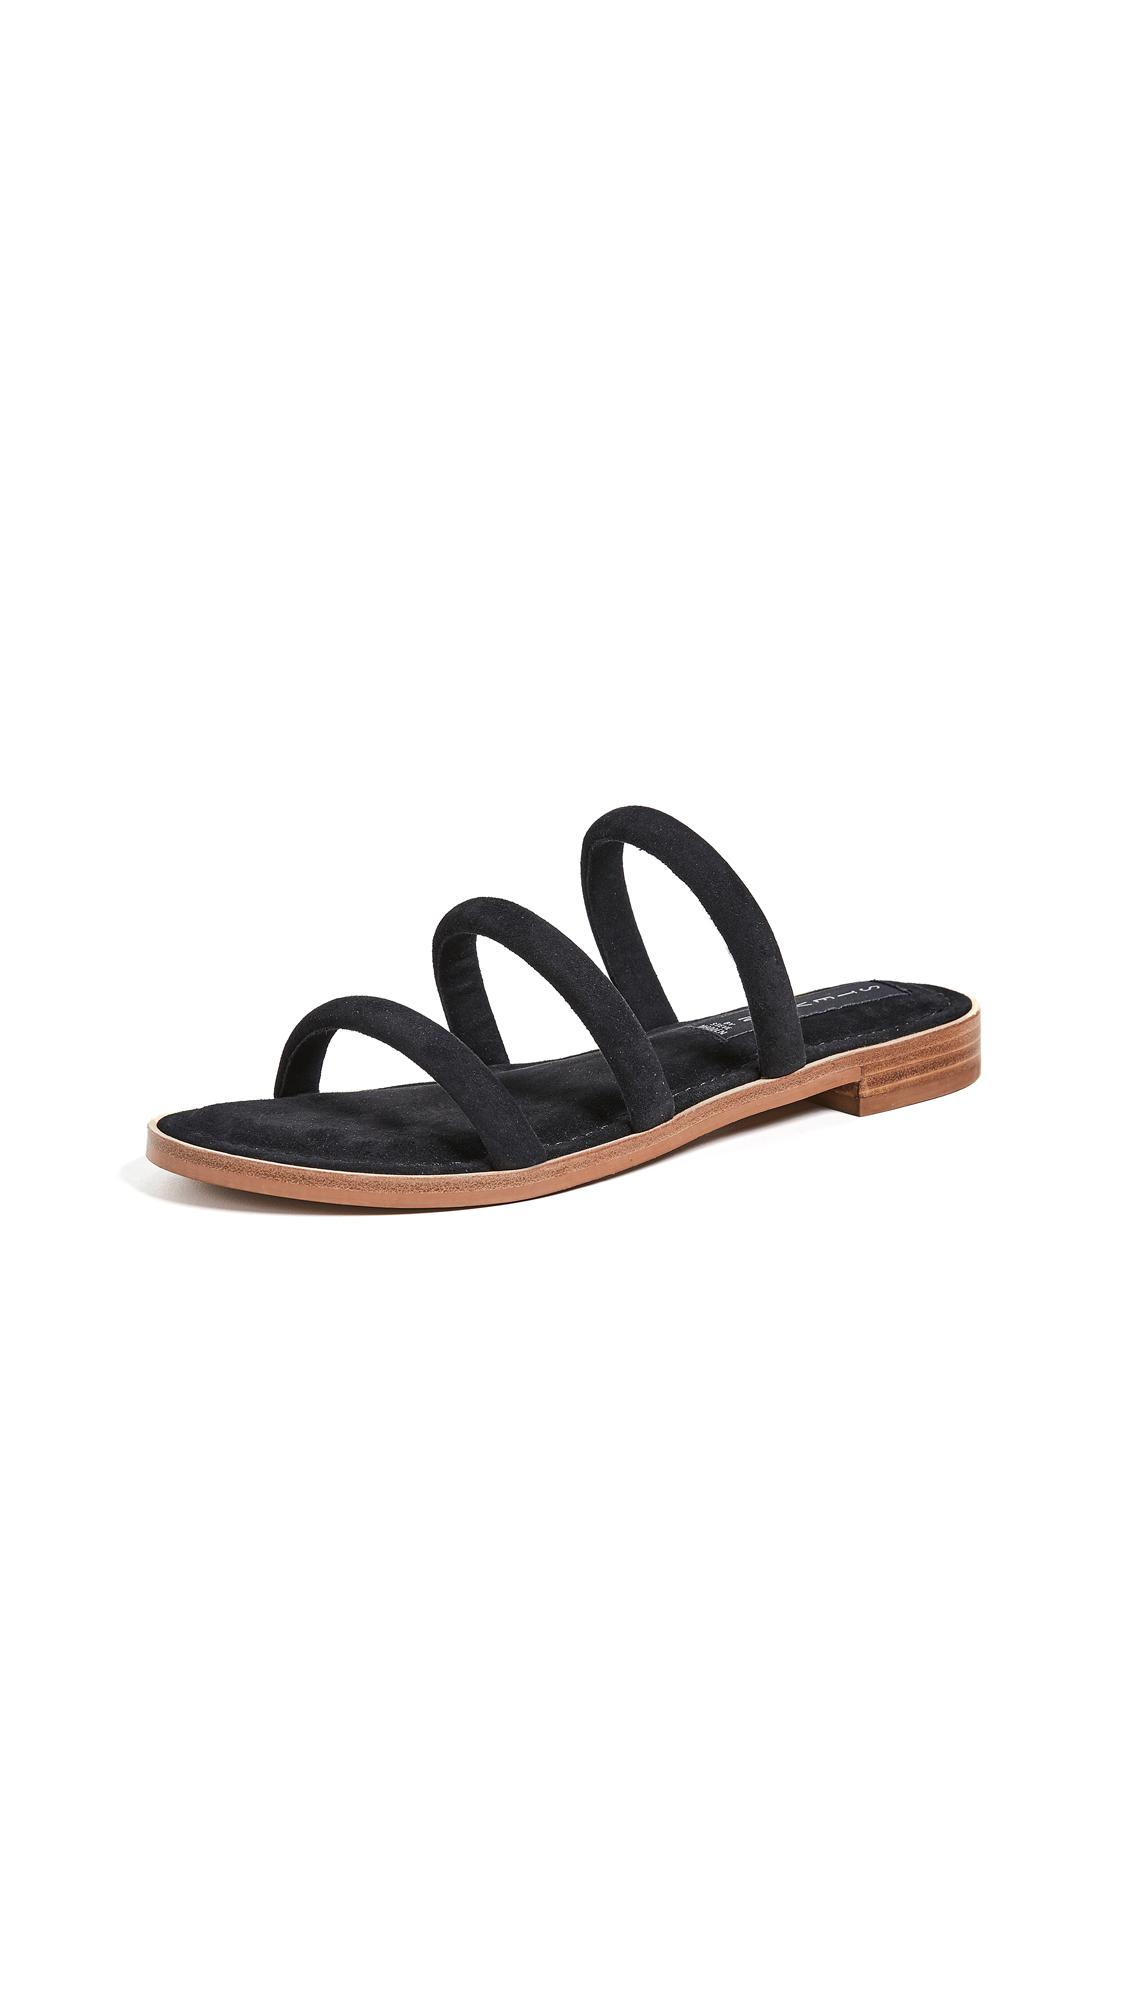 Steven Cocoa Tubular Sandals - Black